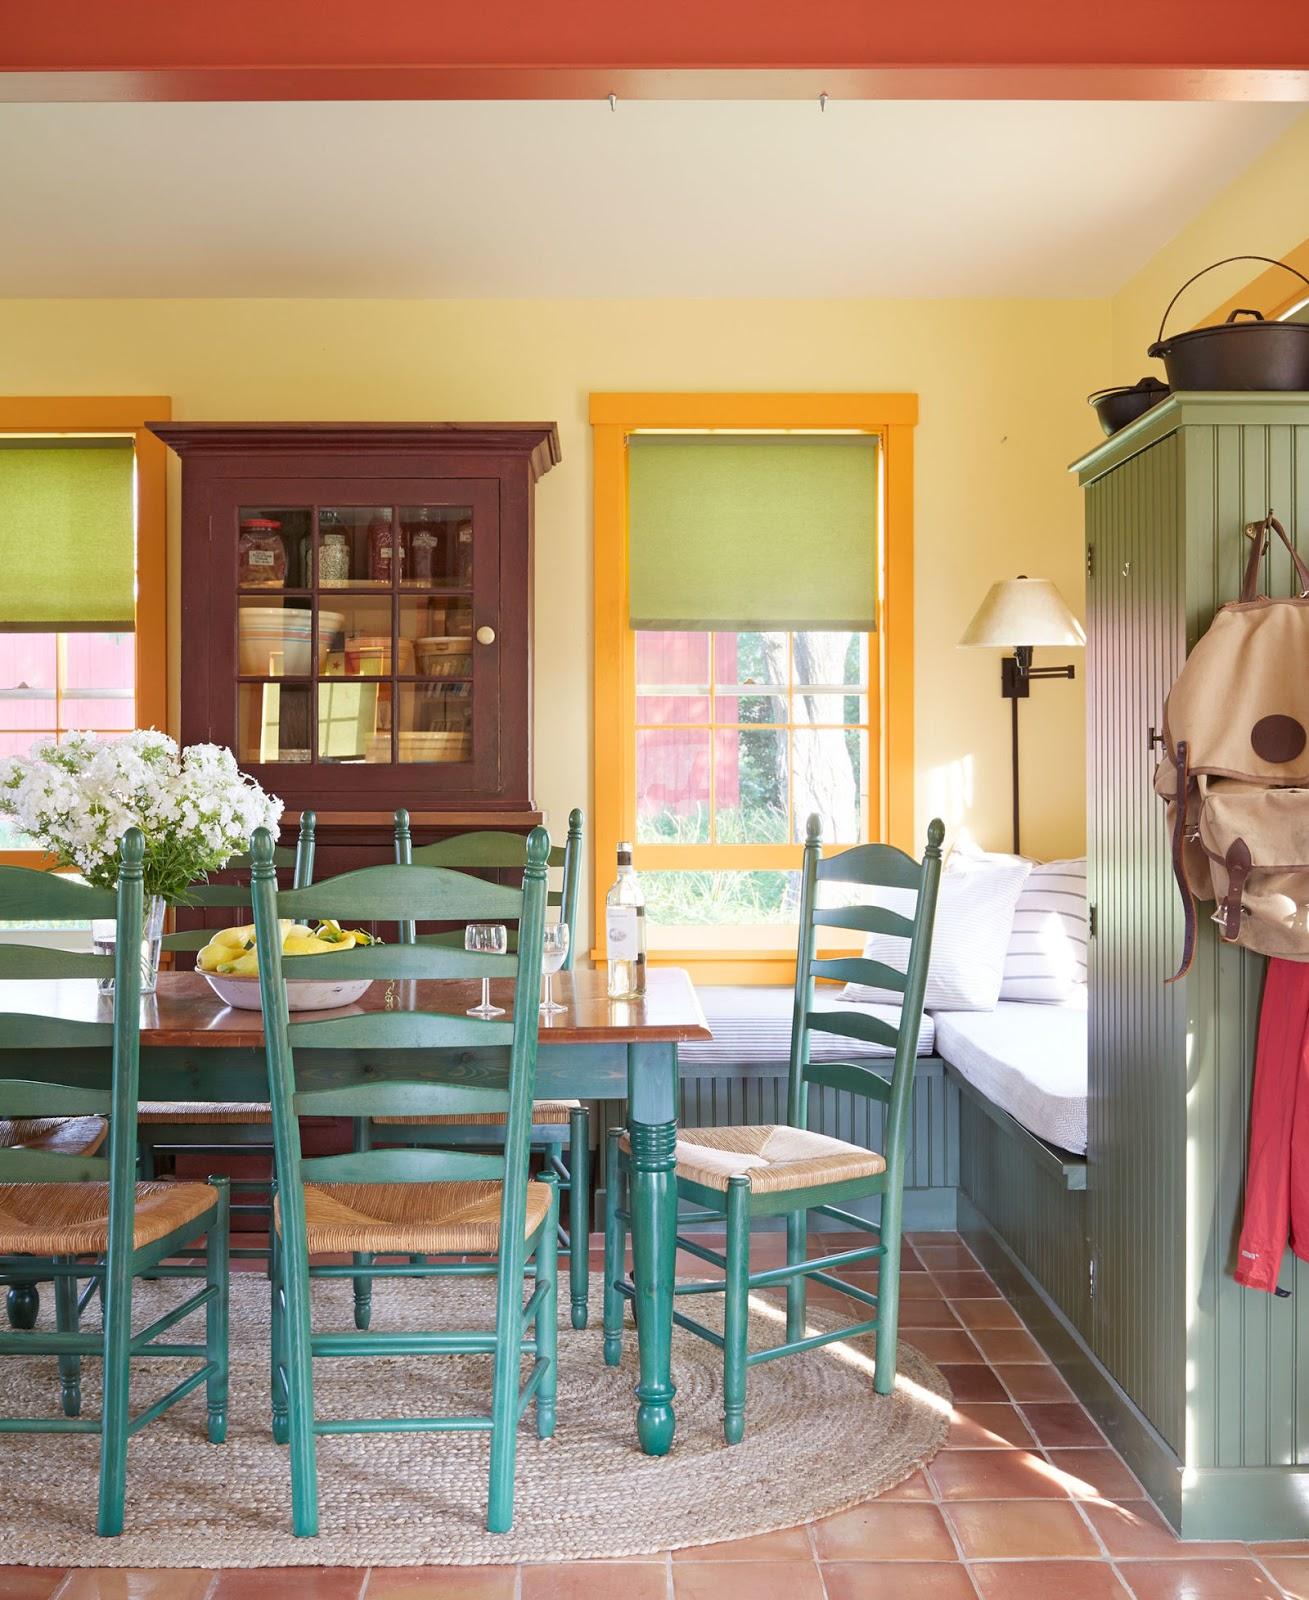 17 fotos de decoracin de comedores rsticos para inspirarte